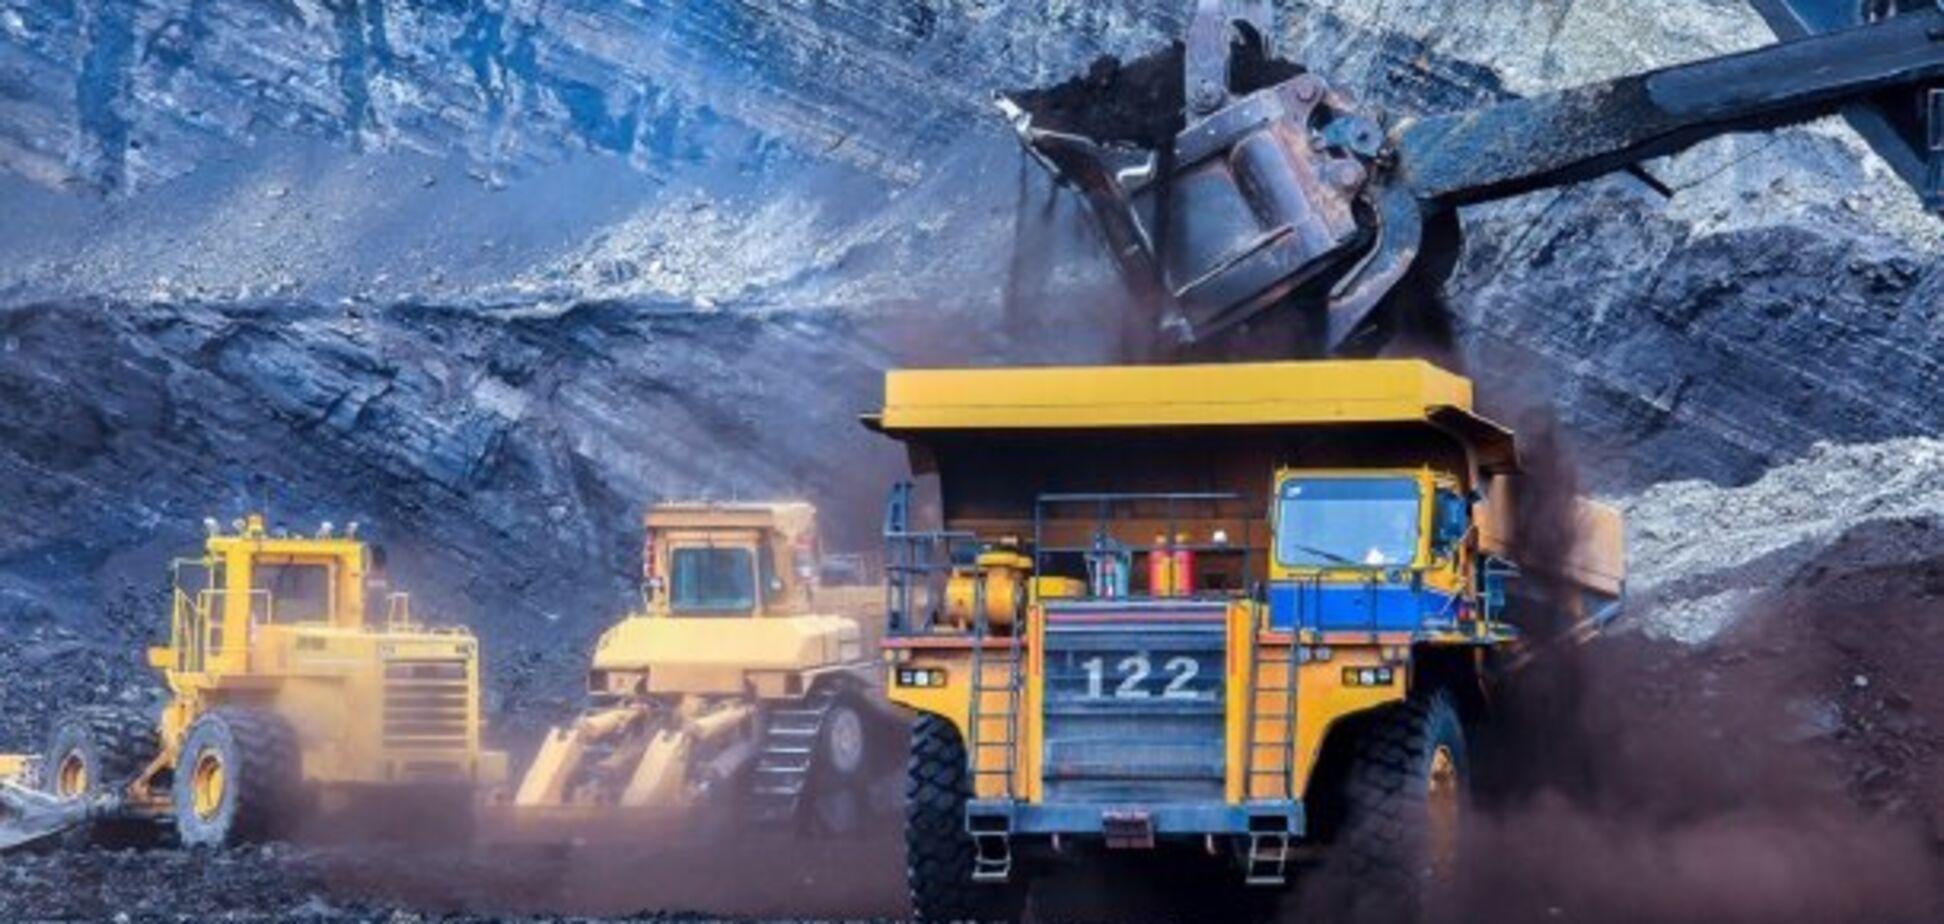 Законопроект 1210 уничтожает украинскую металлургию в пользу России – эксперт